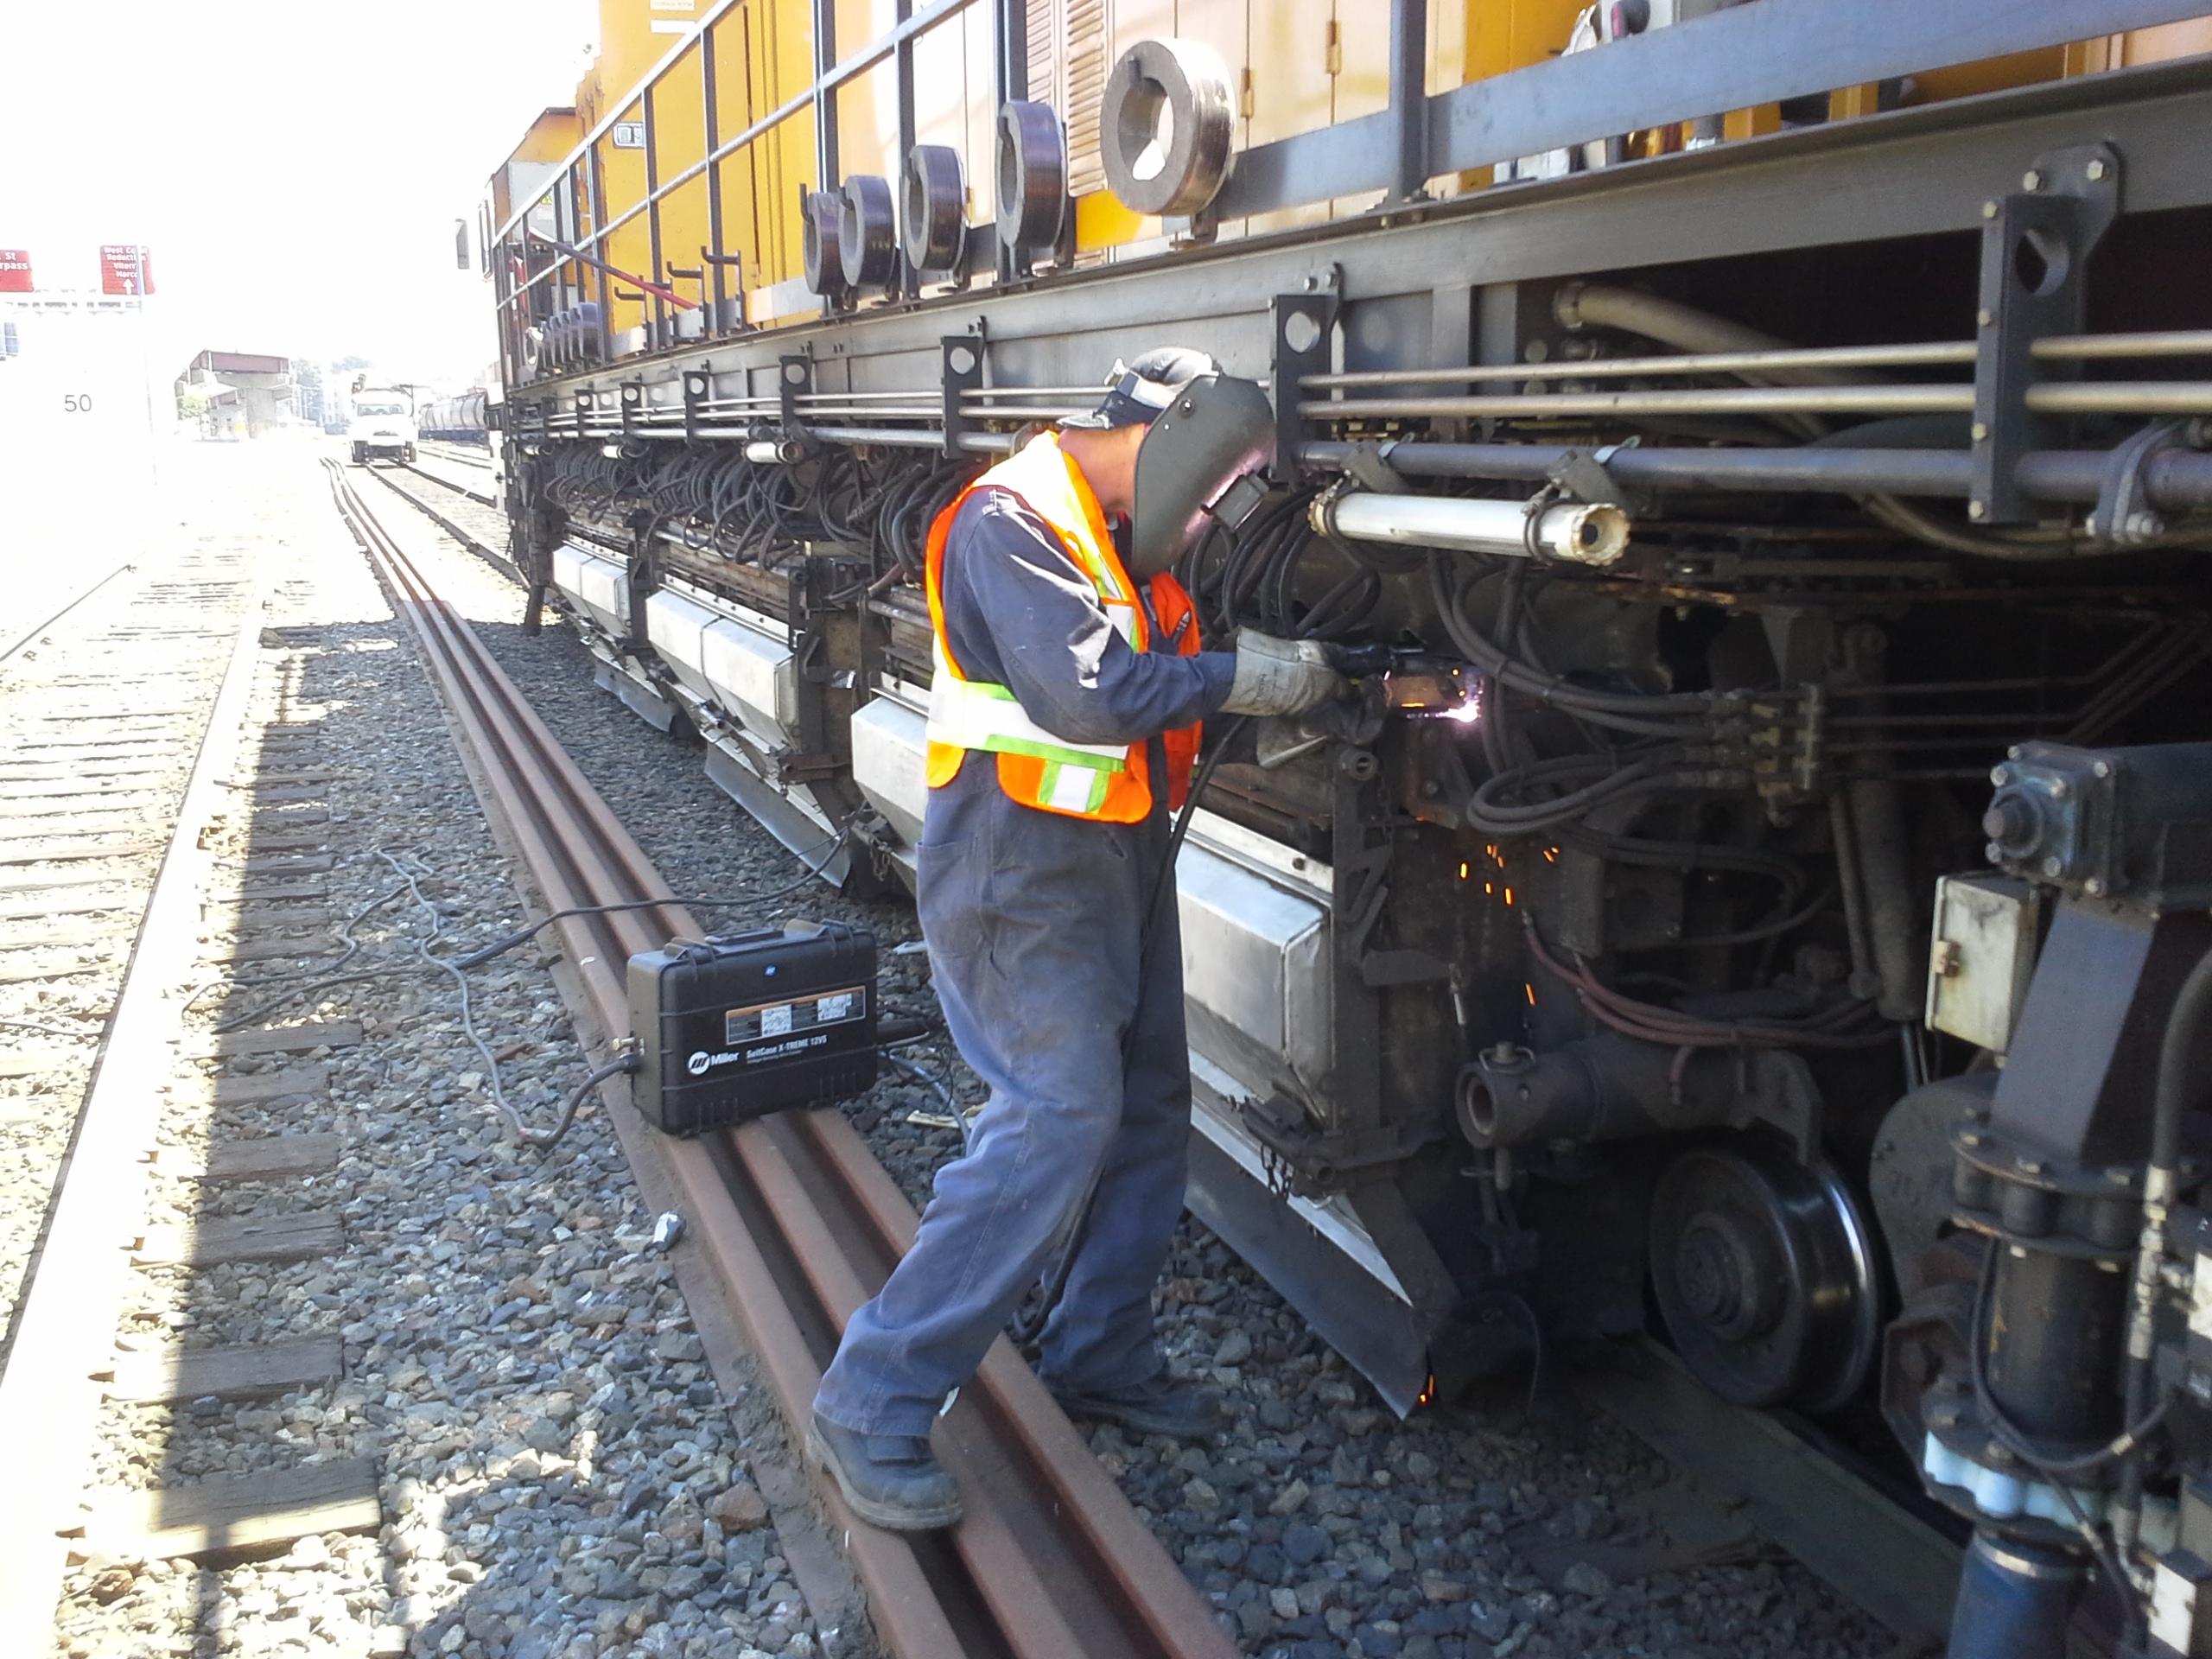 Welding rail grinder